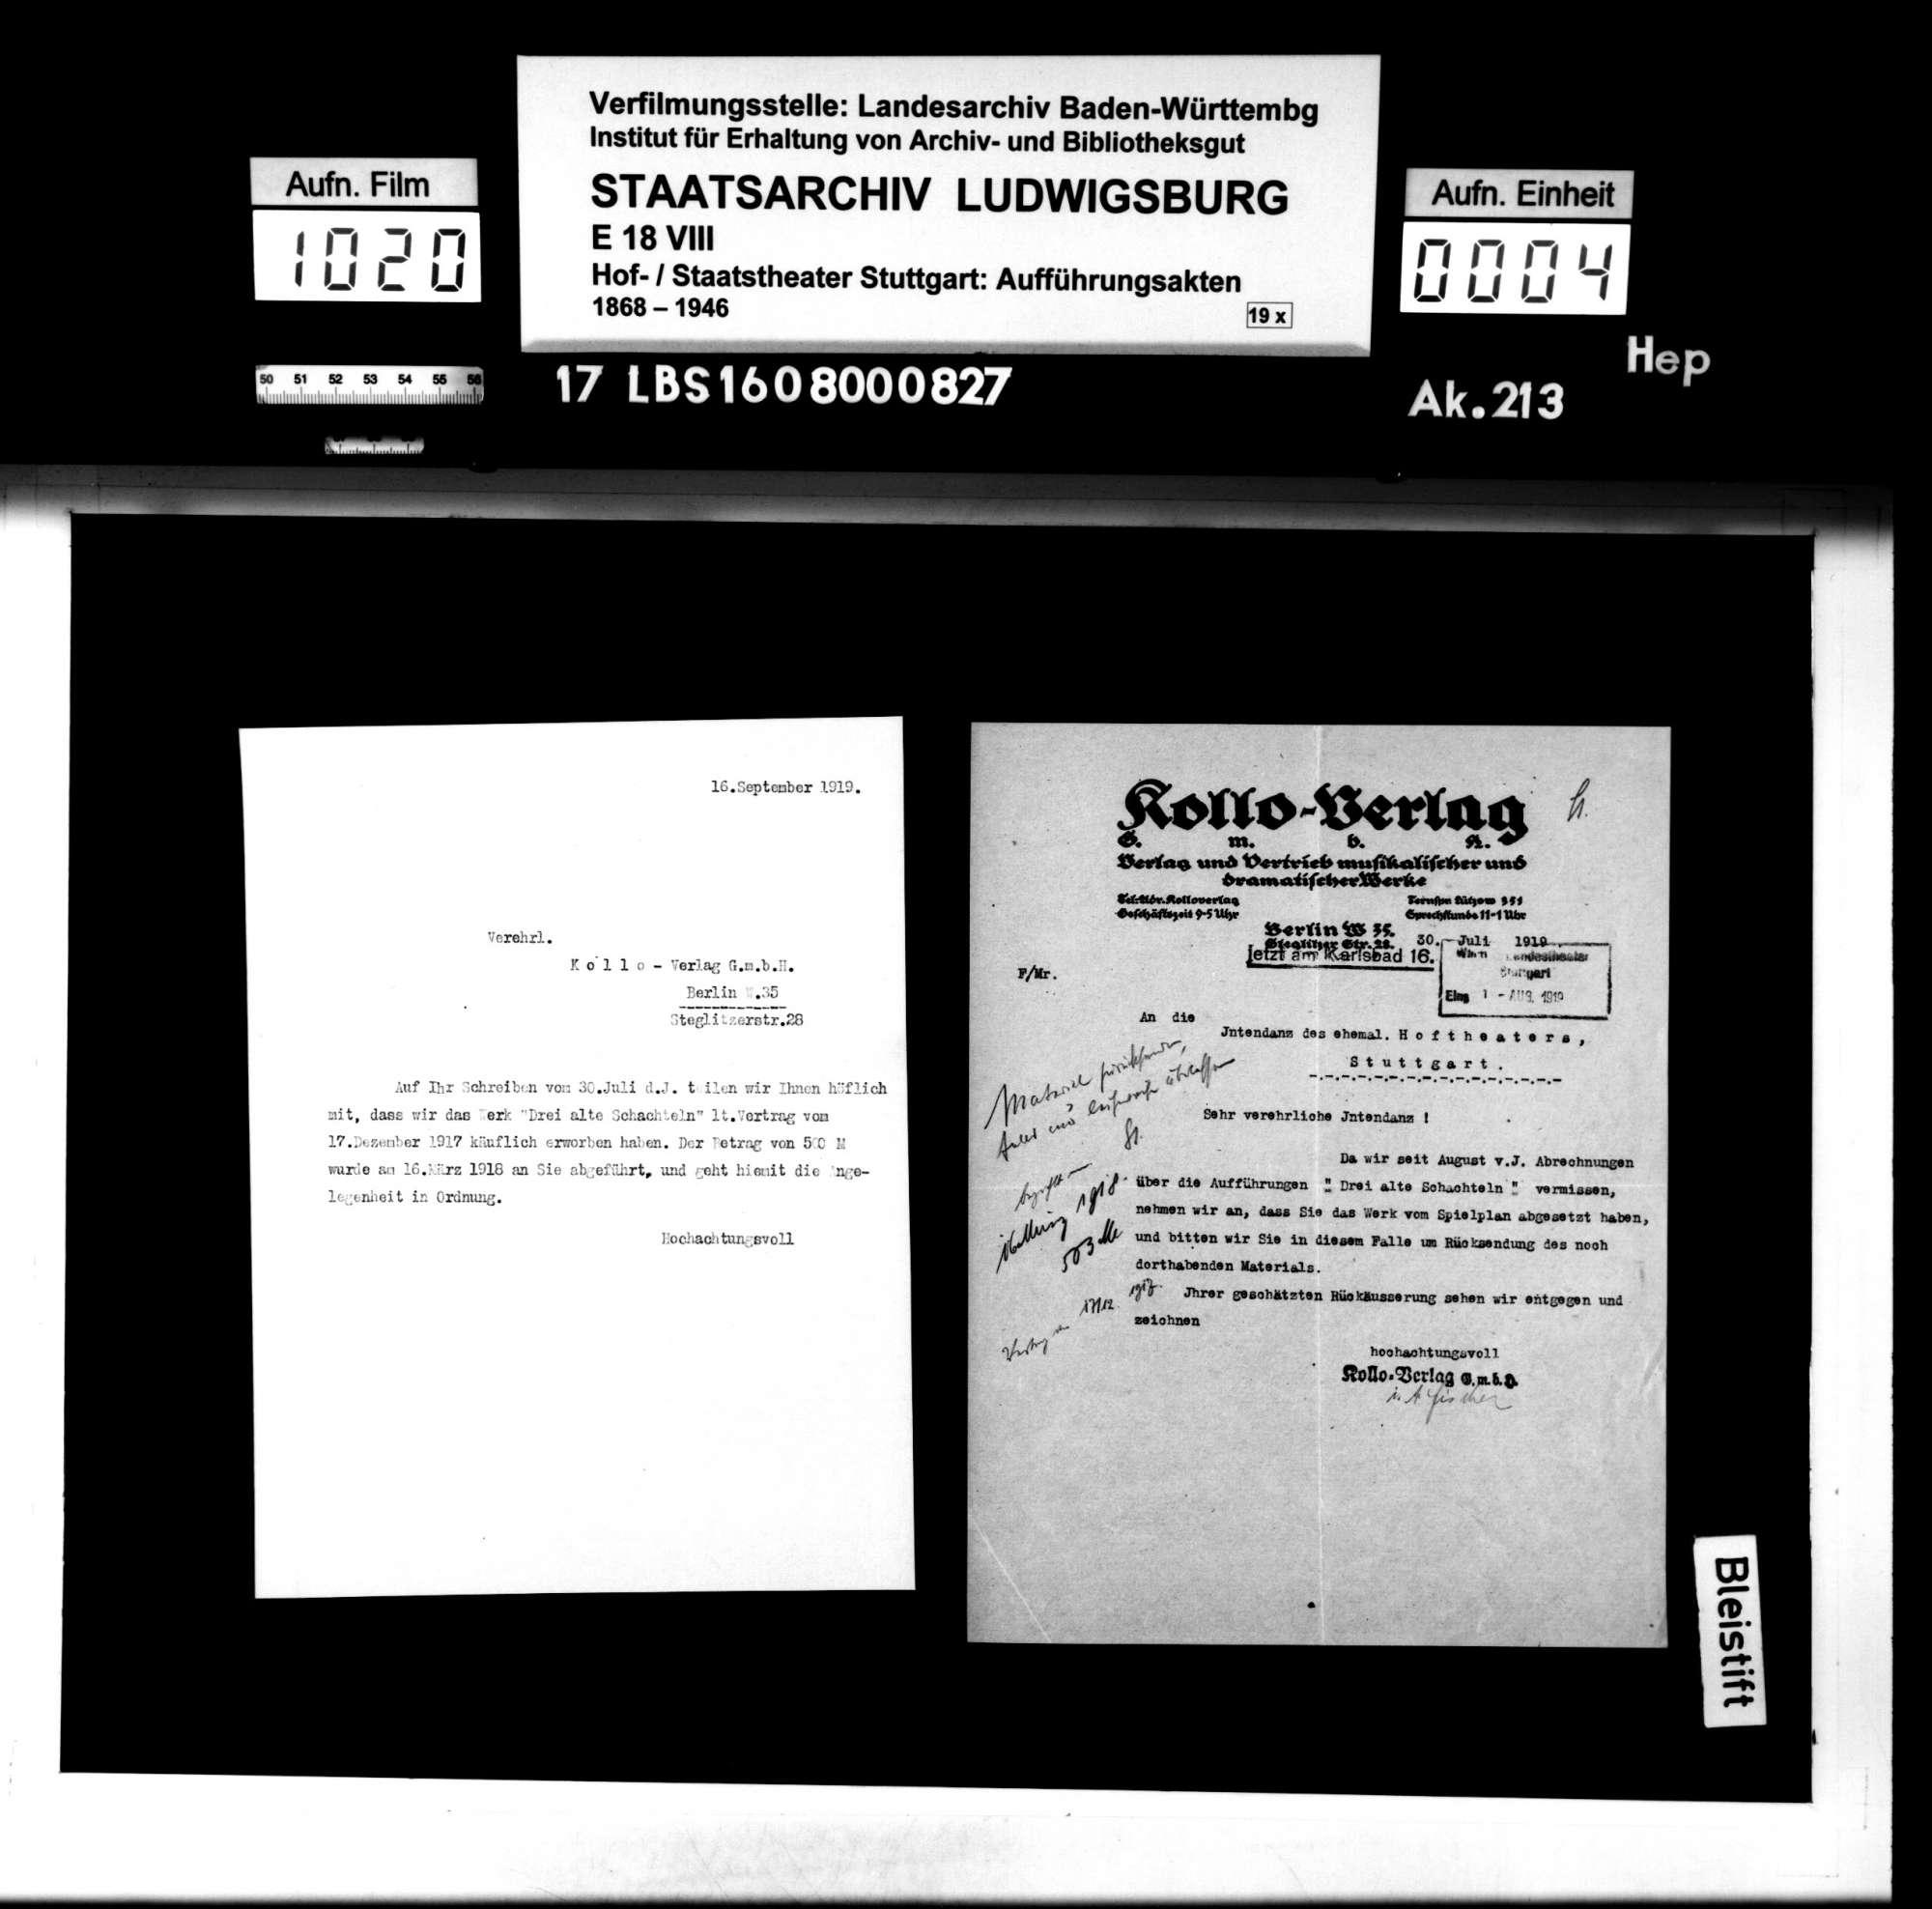 Drei alte Schachteln. Operette von Hermann Haller und Rideamus (= Fritz Oliven). Musik: Walter Kollo, Bild 3